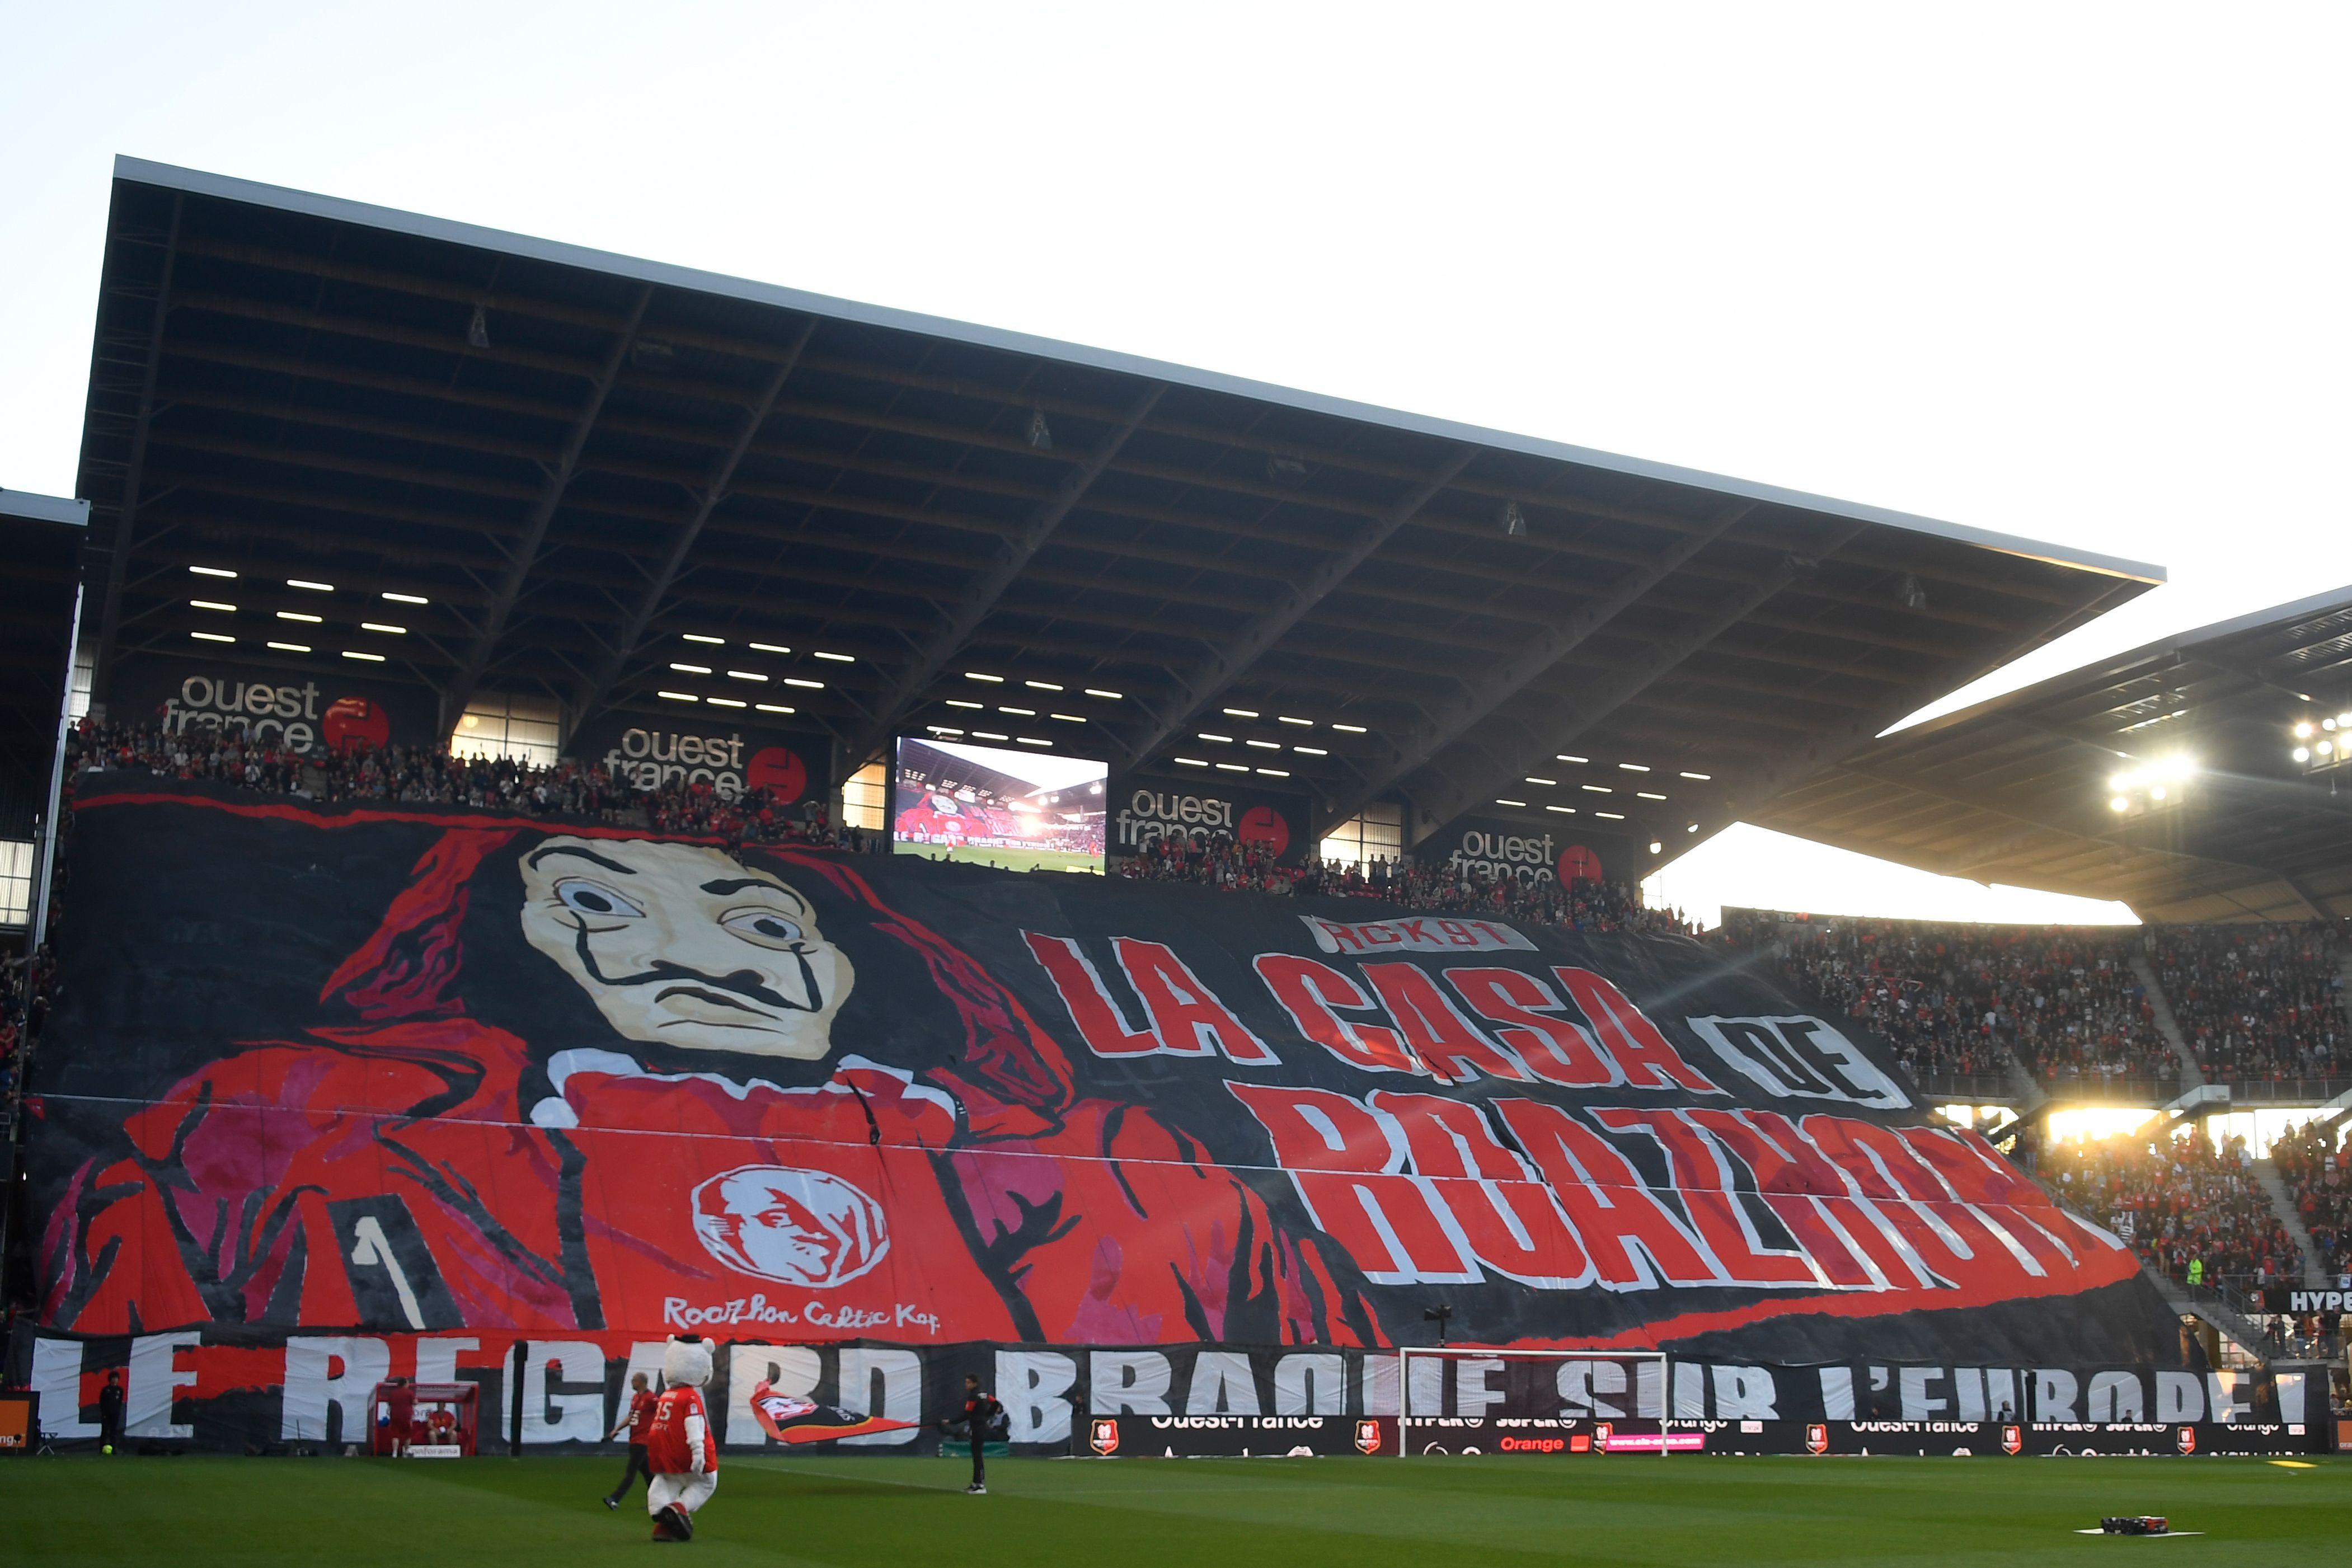 Ligue 1: Le Stade Rennais à l'honneur dans la